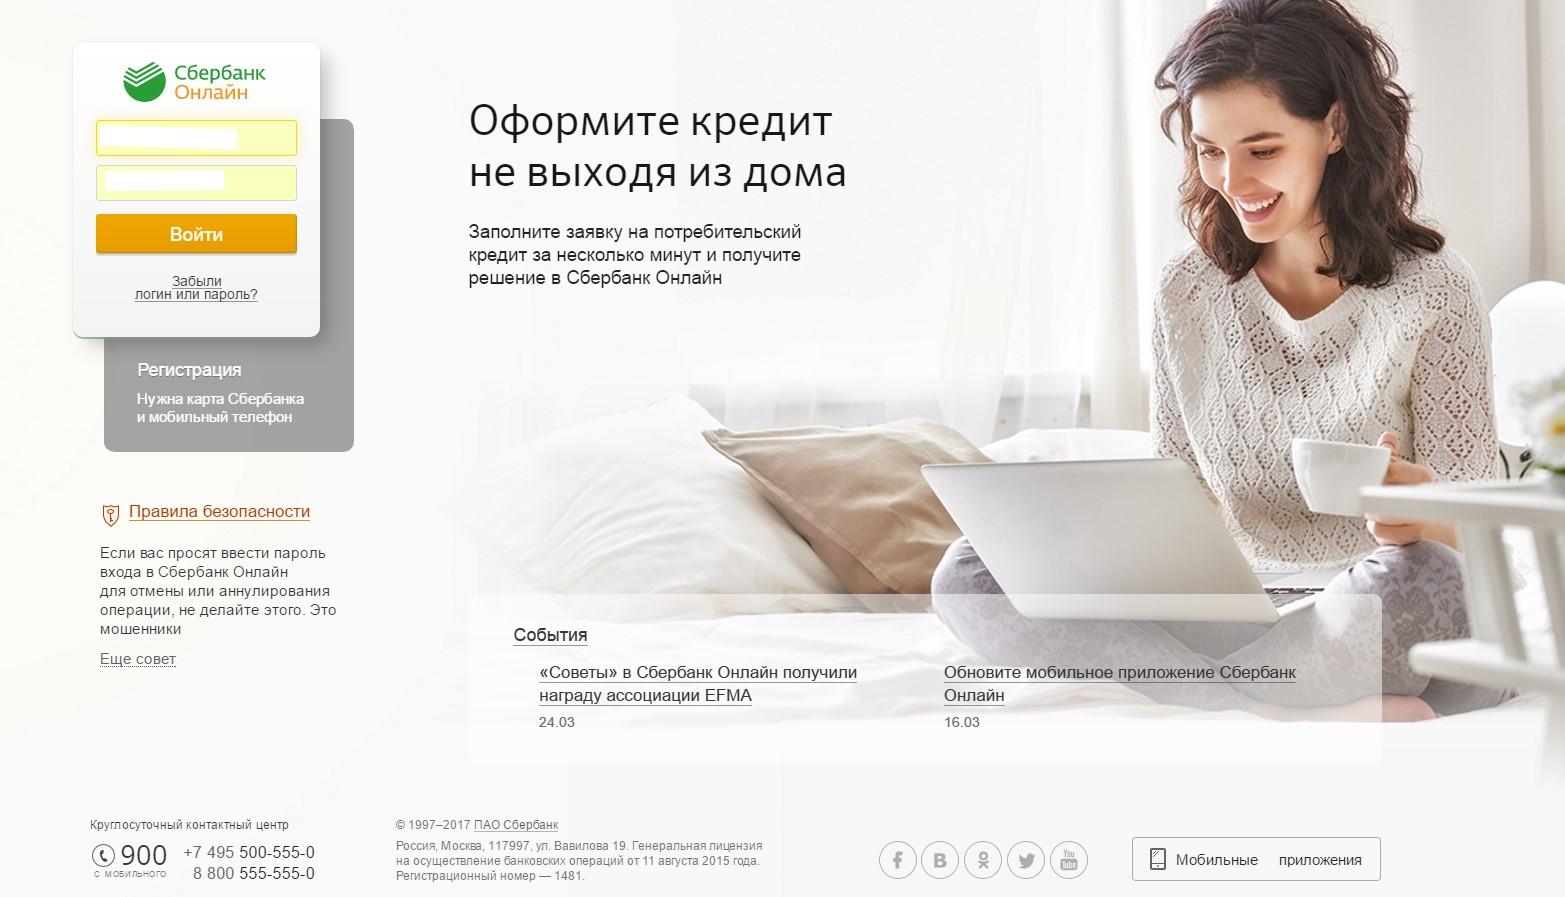 Регистрация и оформление кредита